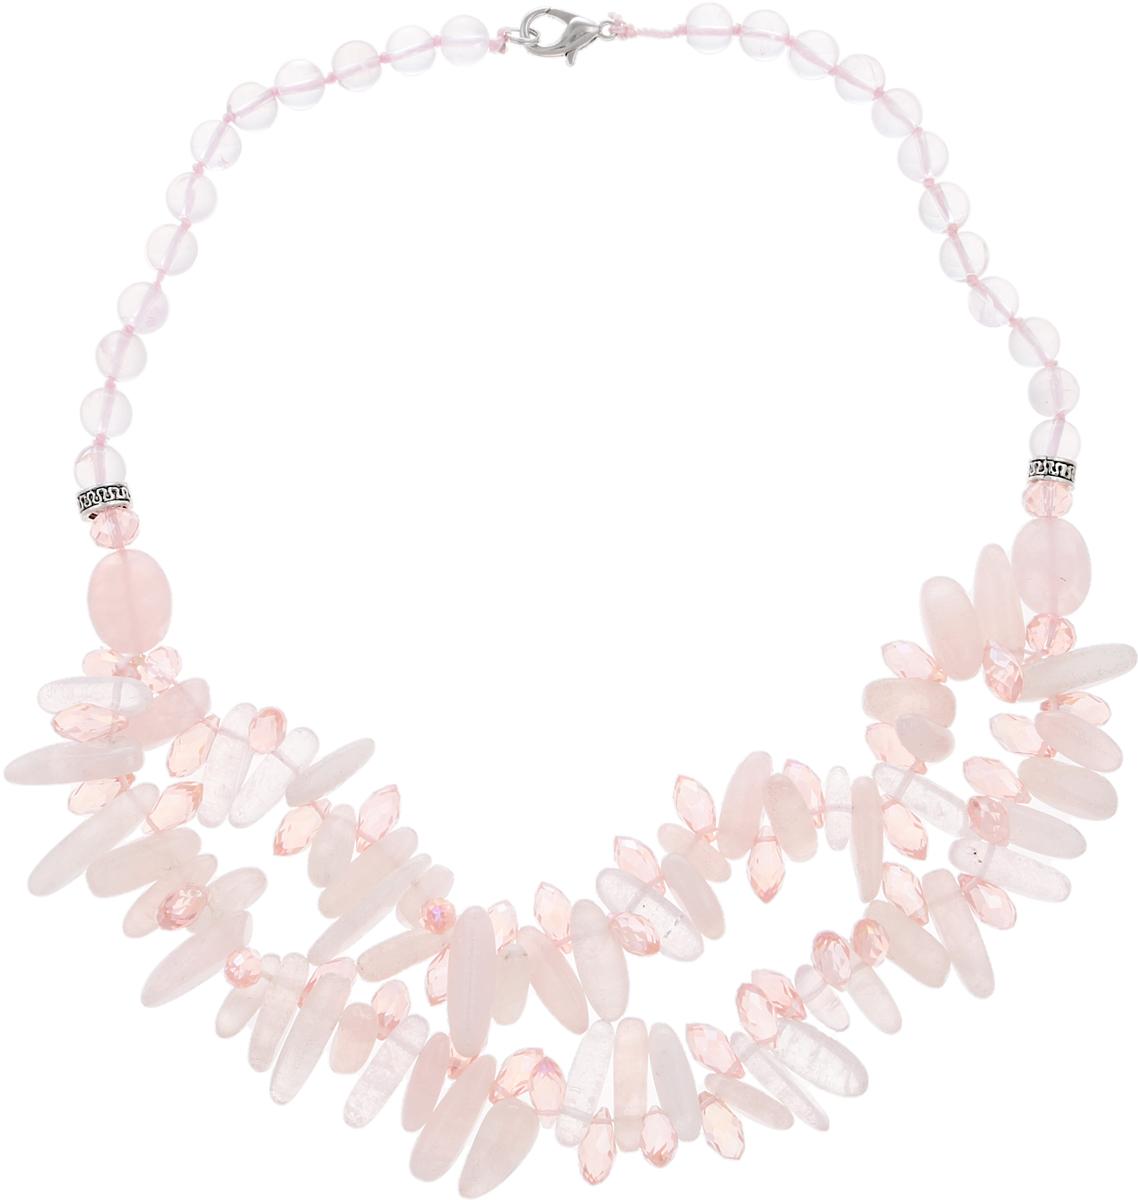 Колье Романтика. Натуральный розовый кварц, бусины. Индия10102701Колье Романтика. Натуральный розовый кварц, бусины. Индия. Размер - полная длина 46 см.